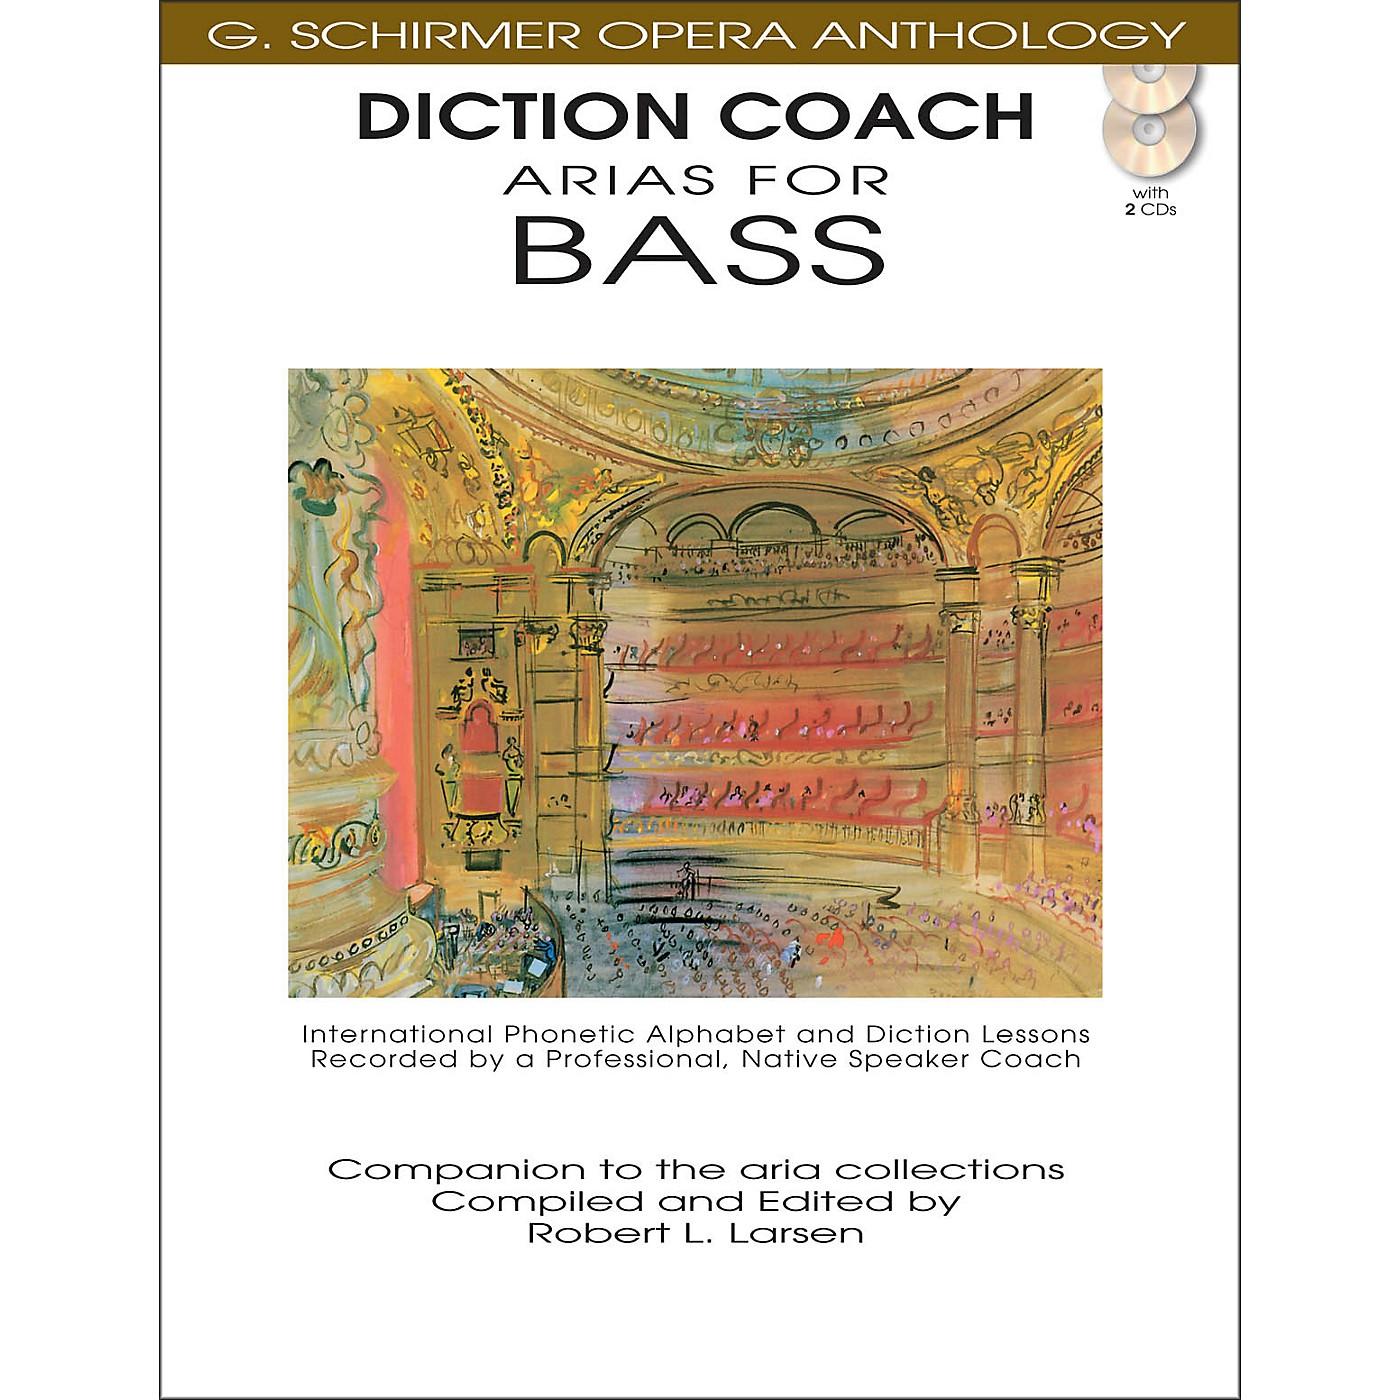 G. Schirmer Diction Coach - Arias for Bass G. Schirmer Opera Anthology Book/2CD's thumbnail